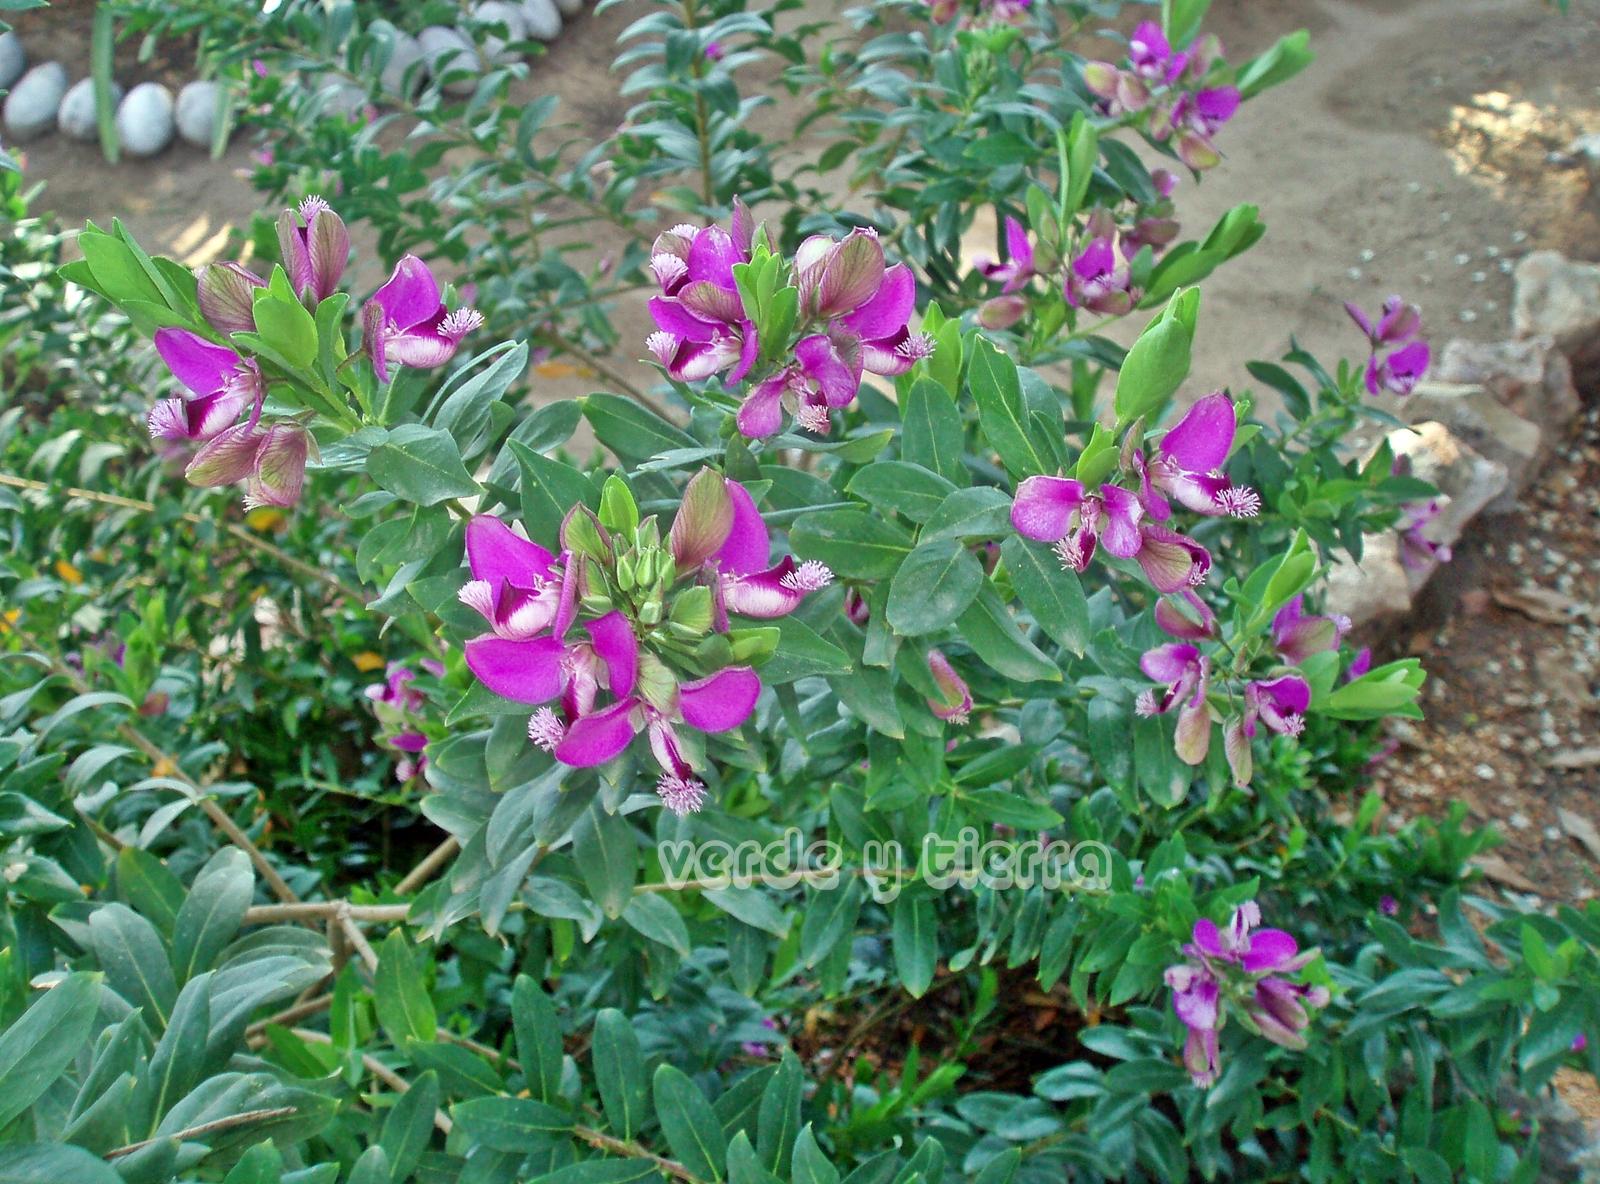 Verde y tierra polygala myrtyfolia for Arbusto de jardin